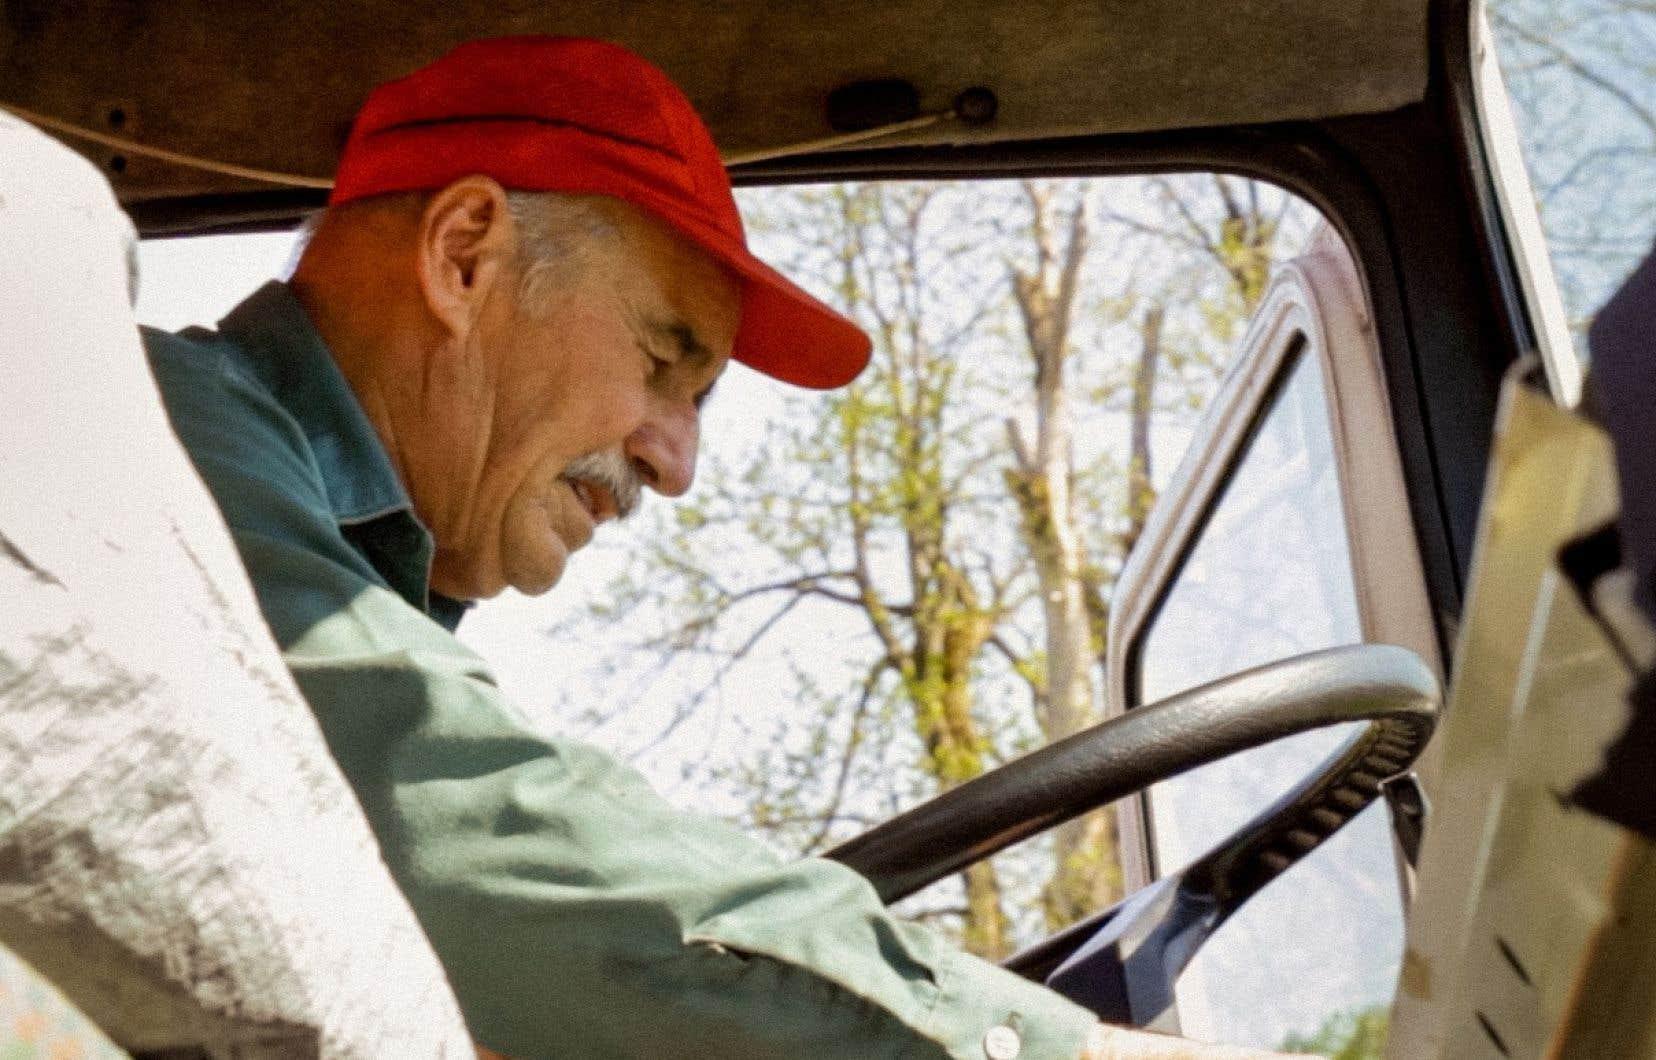 Roger Lecot, à l'aube de la retraite, s'est prêté au jeu du tournage avec un intérêt perceptible.